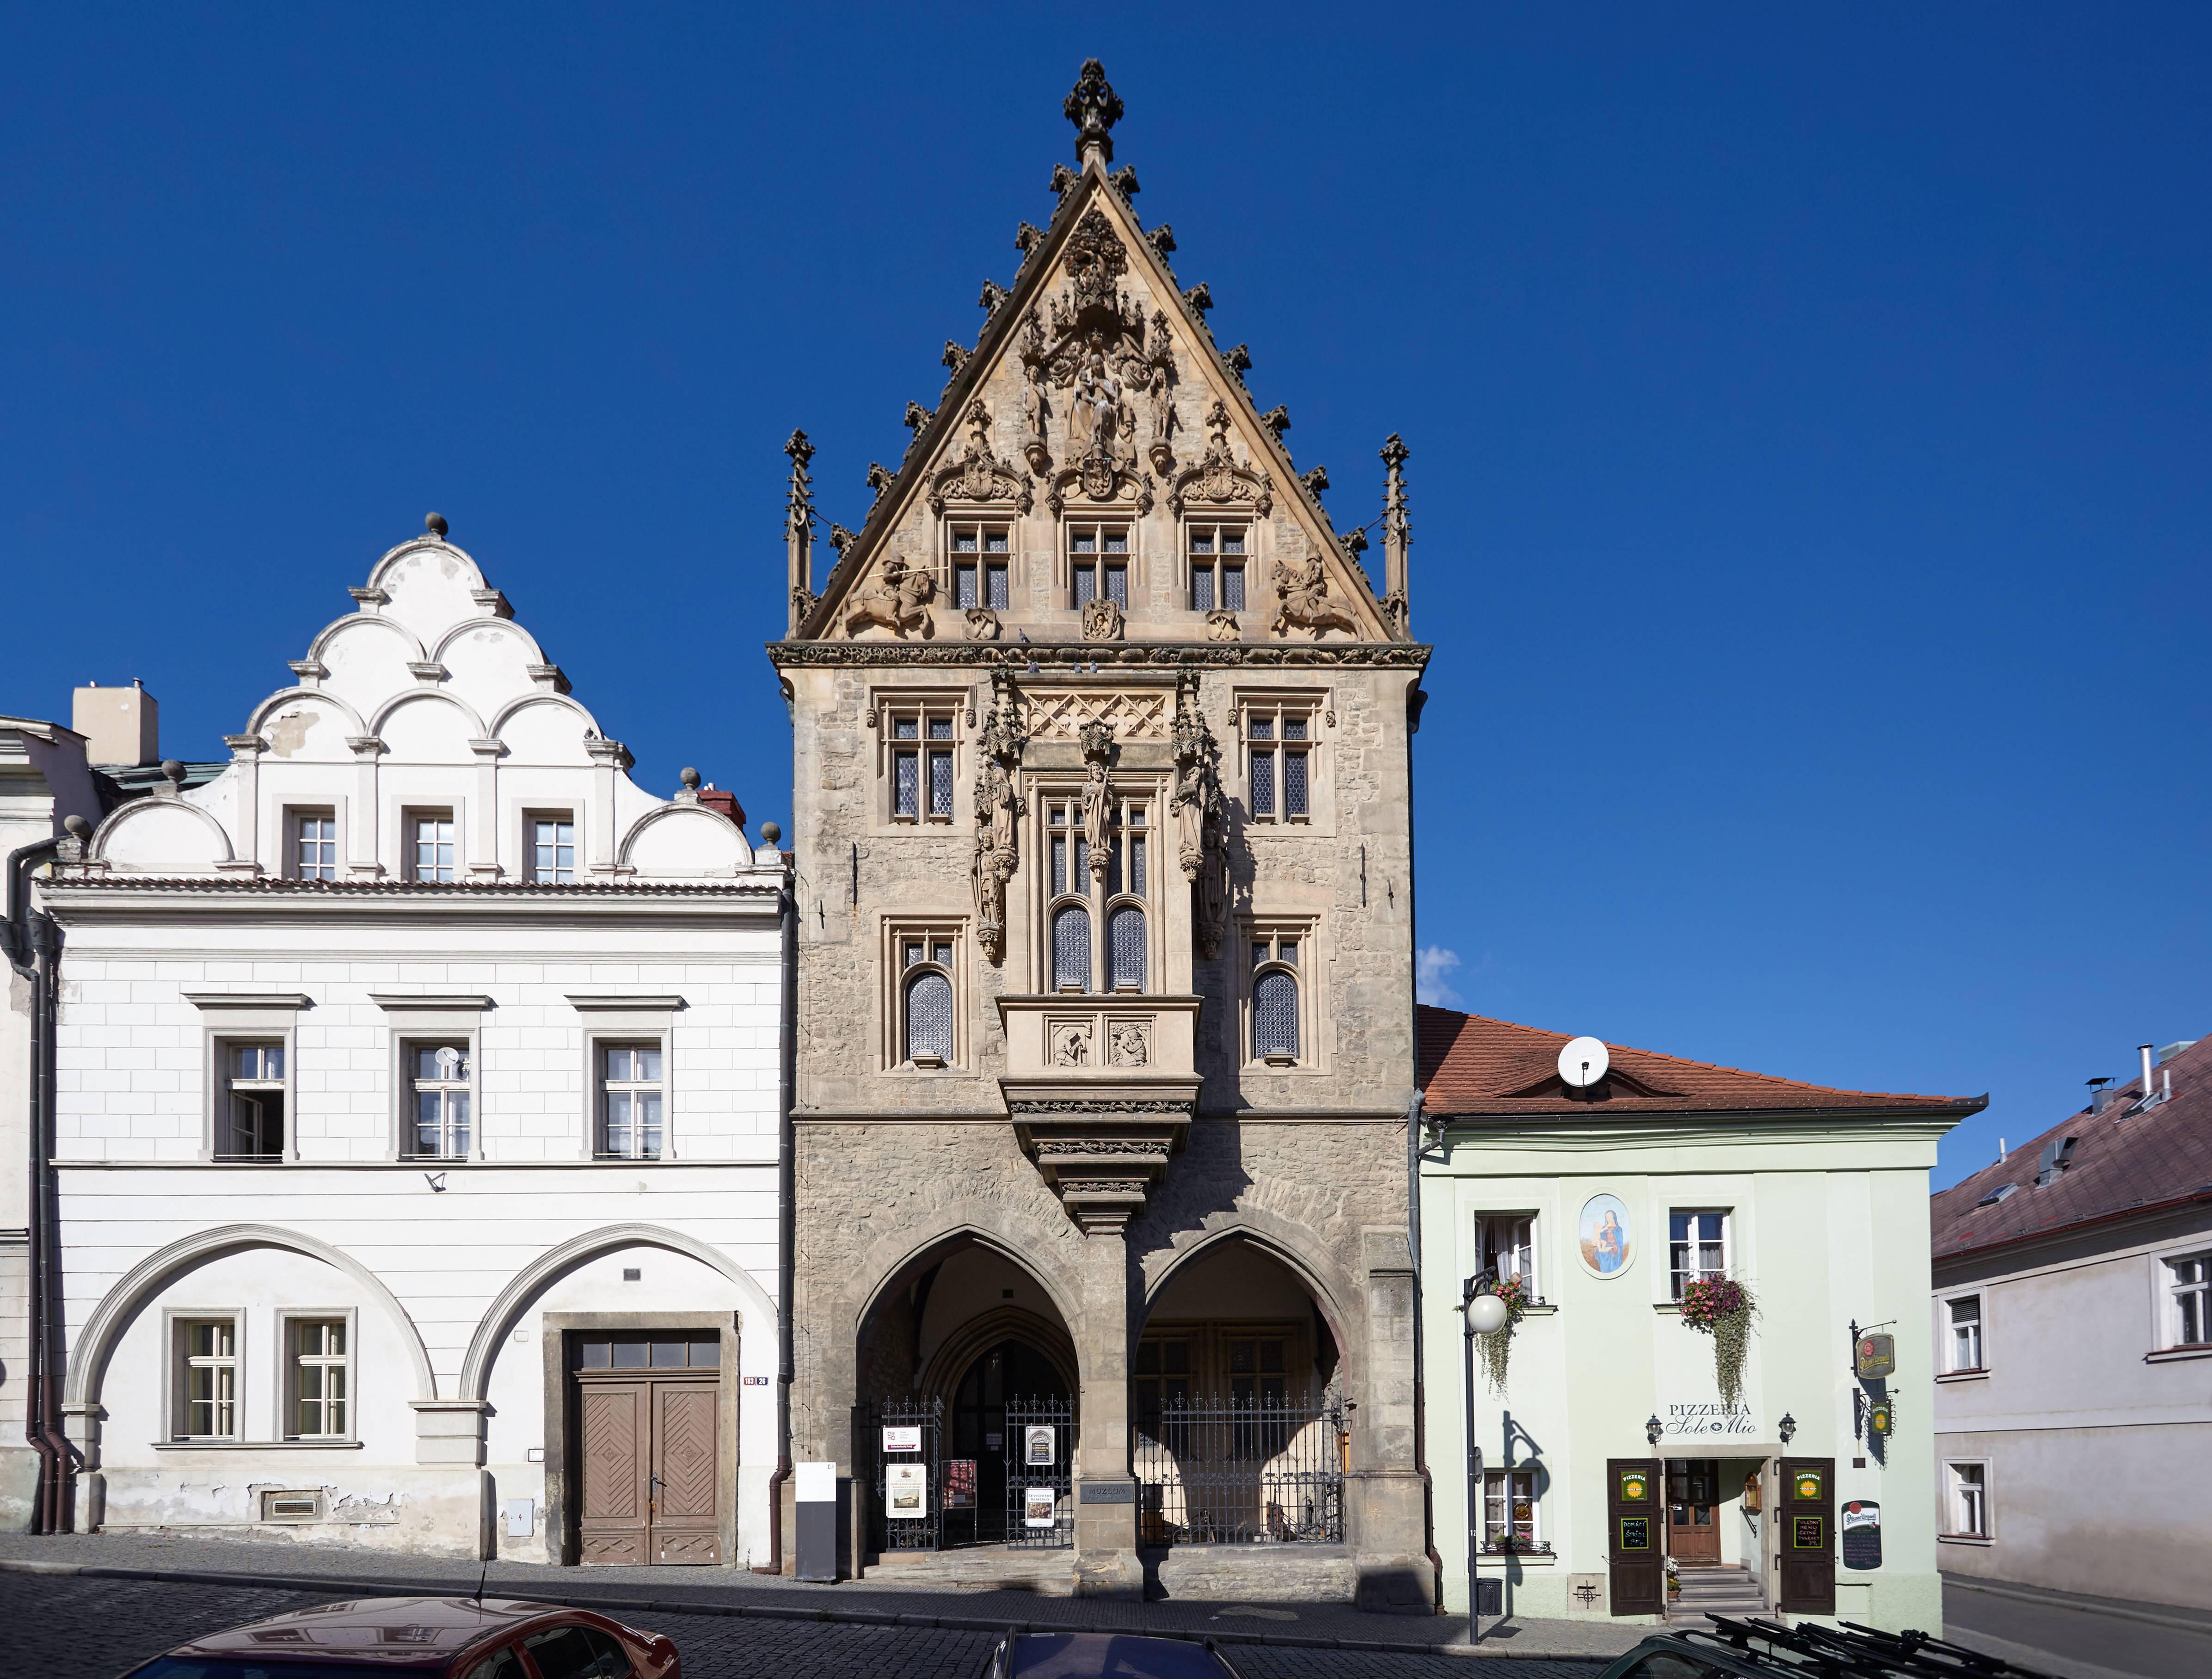 Архитектура в чехии - фото, описание архитектуры в чехии